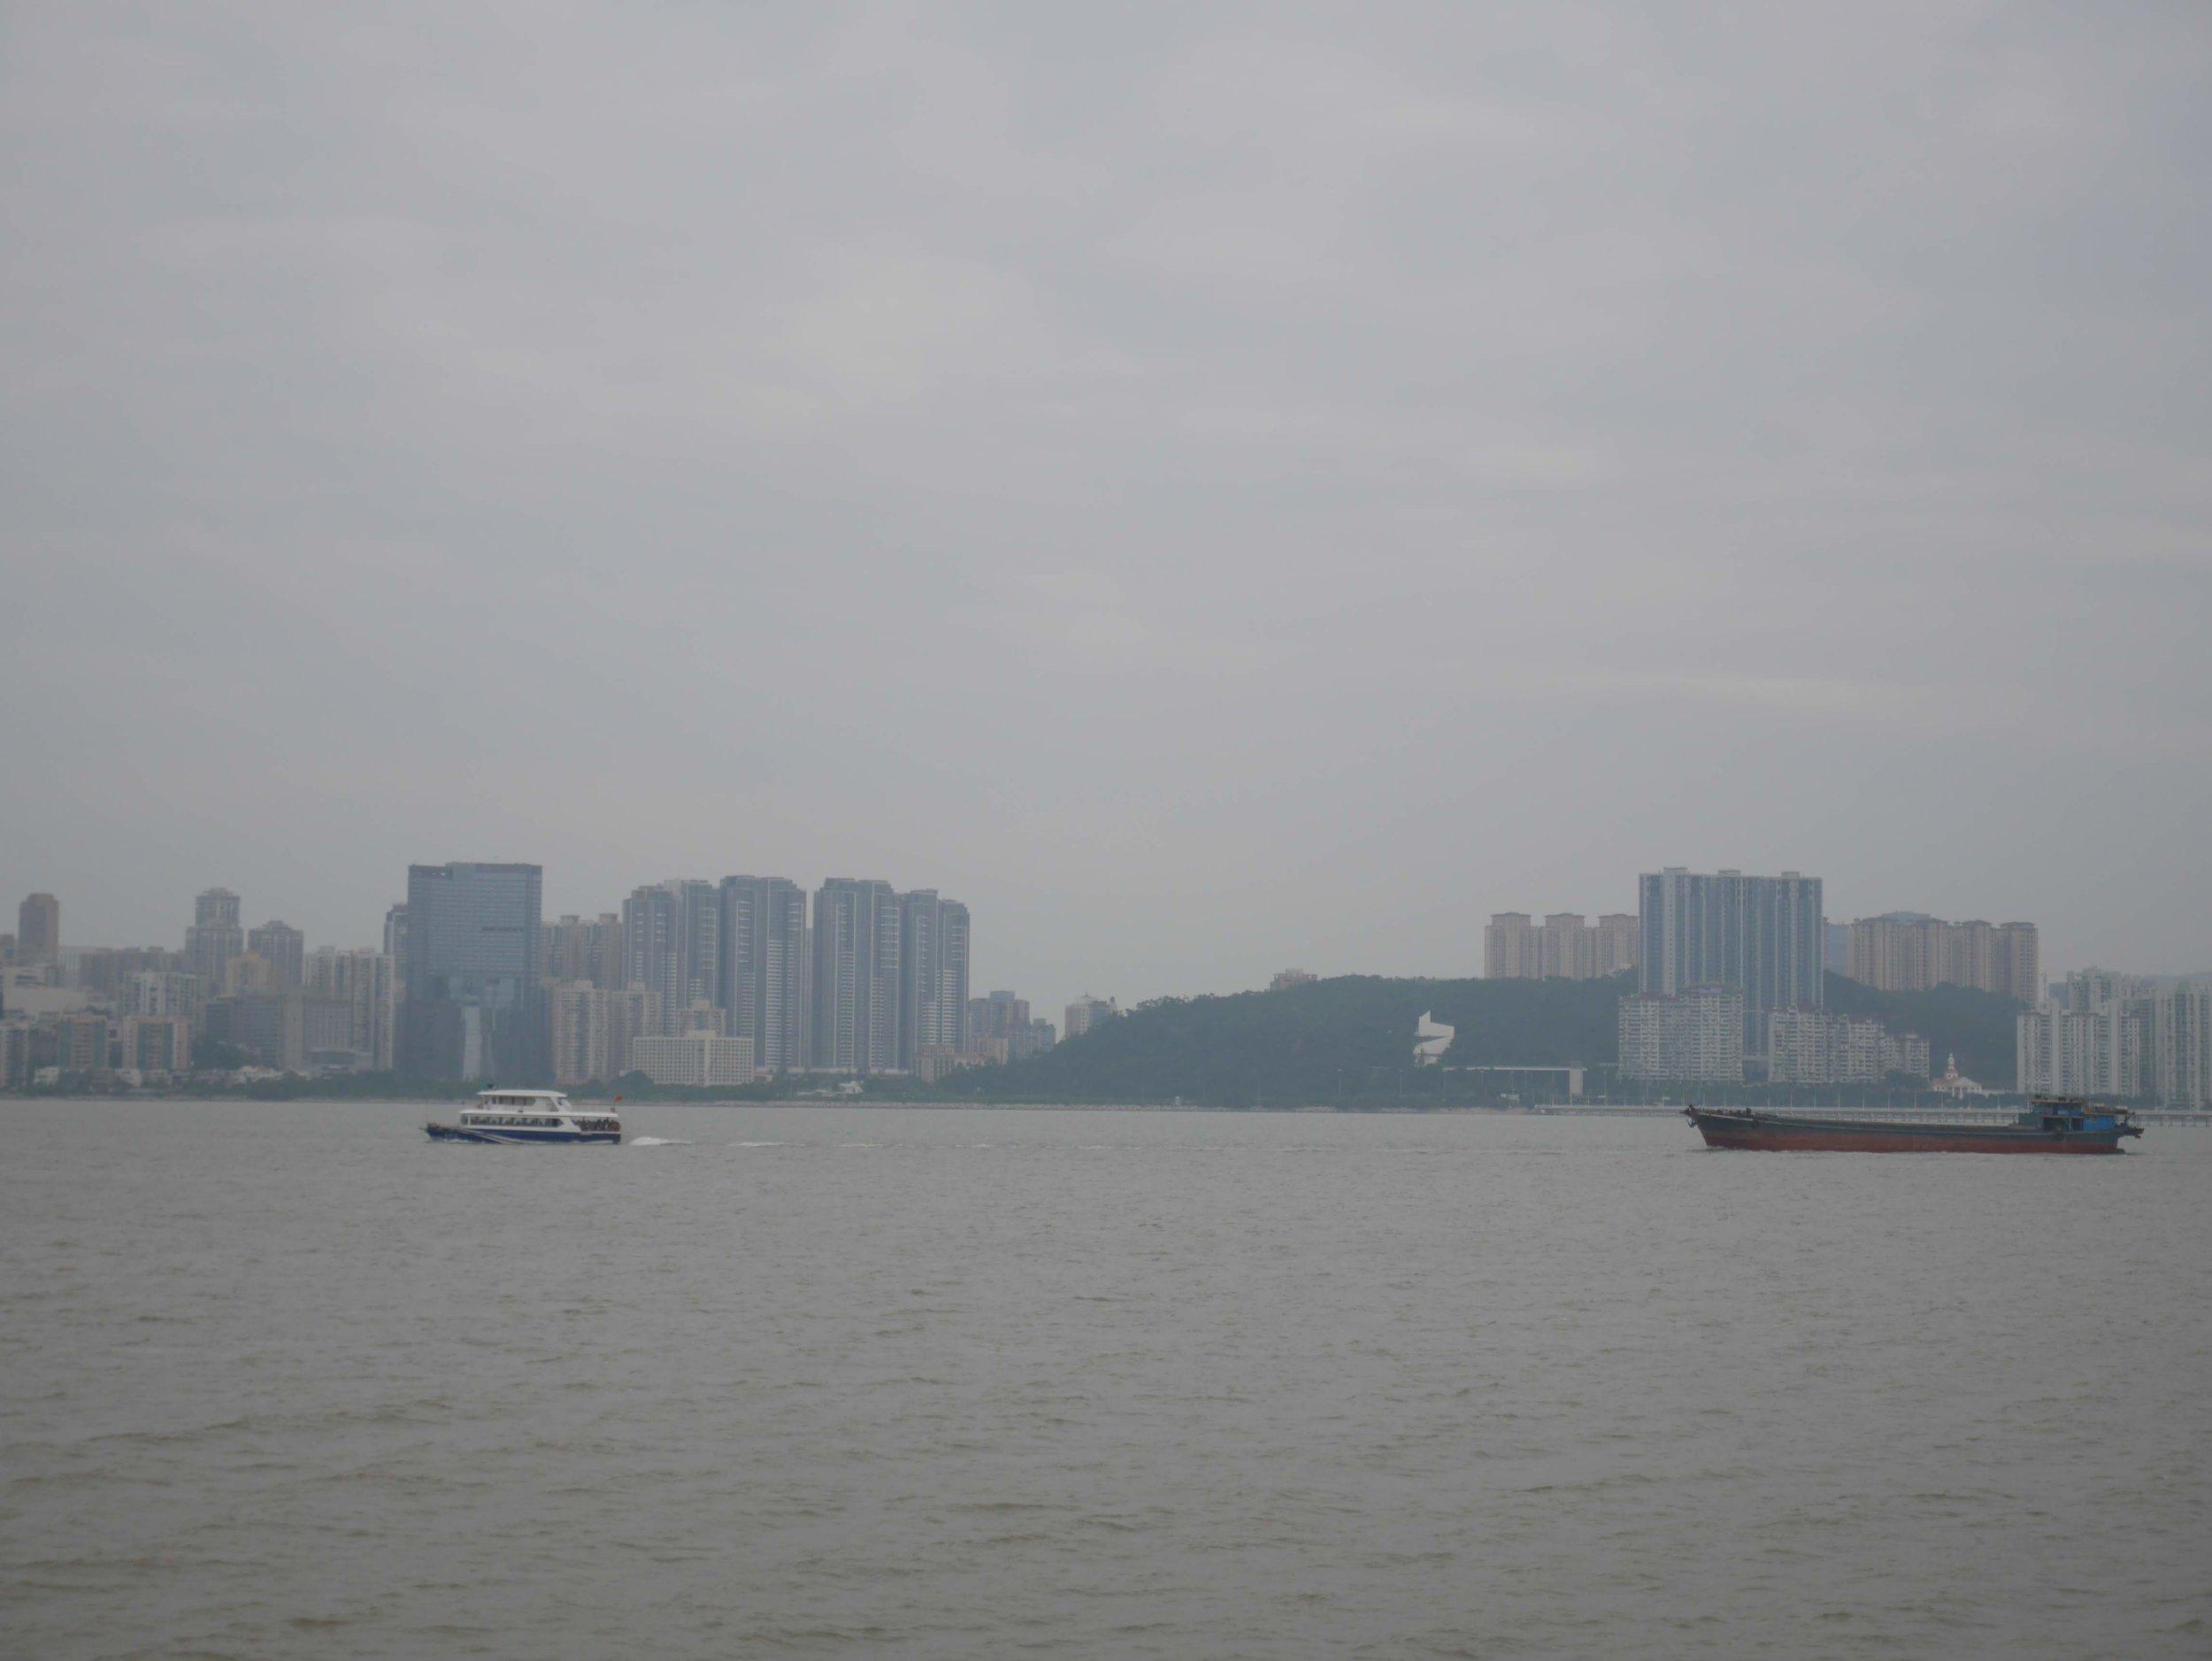 looking across the harbor in Macau